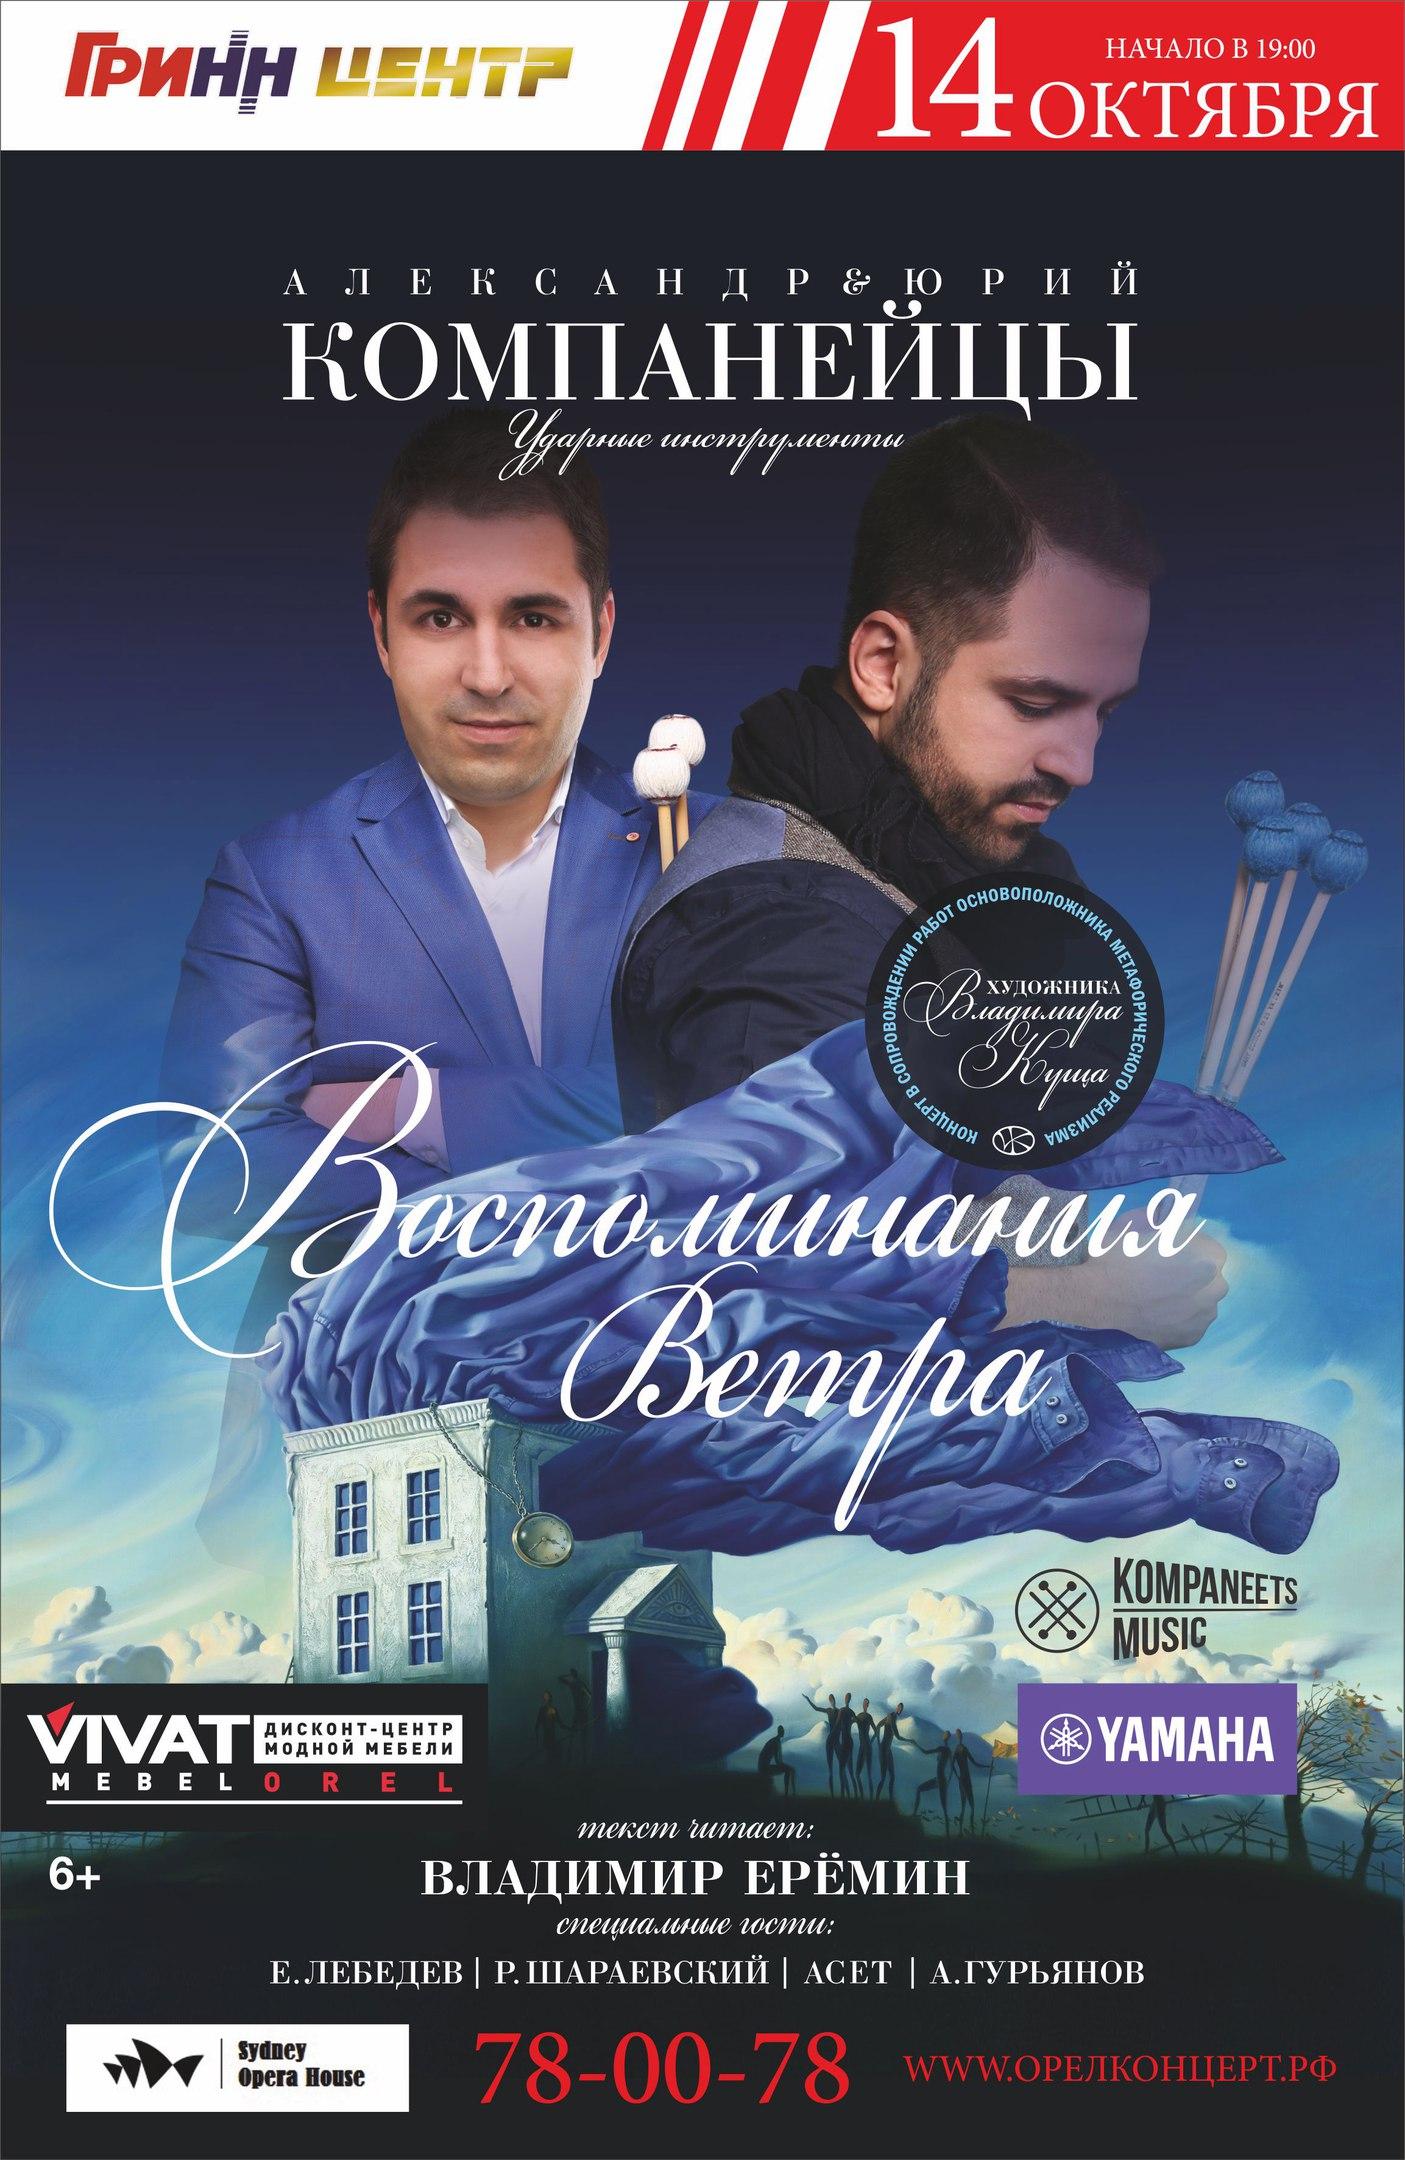 Александр и Юрий Компанейцы «Воспоминания ветра»